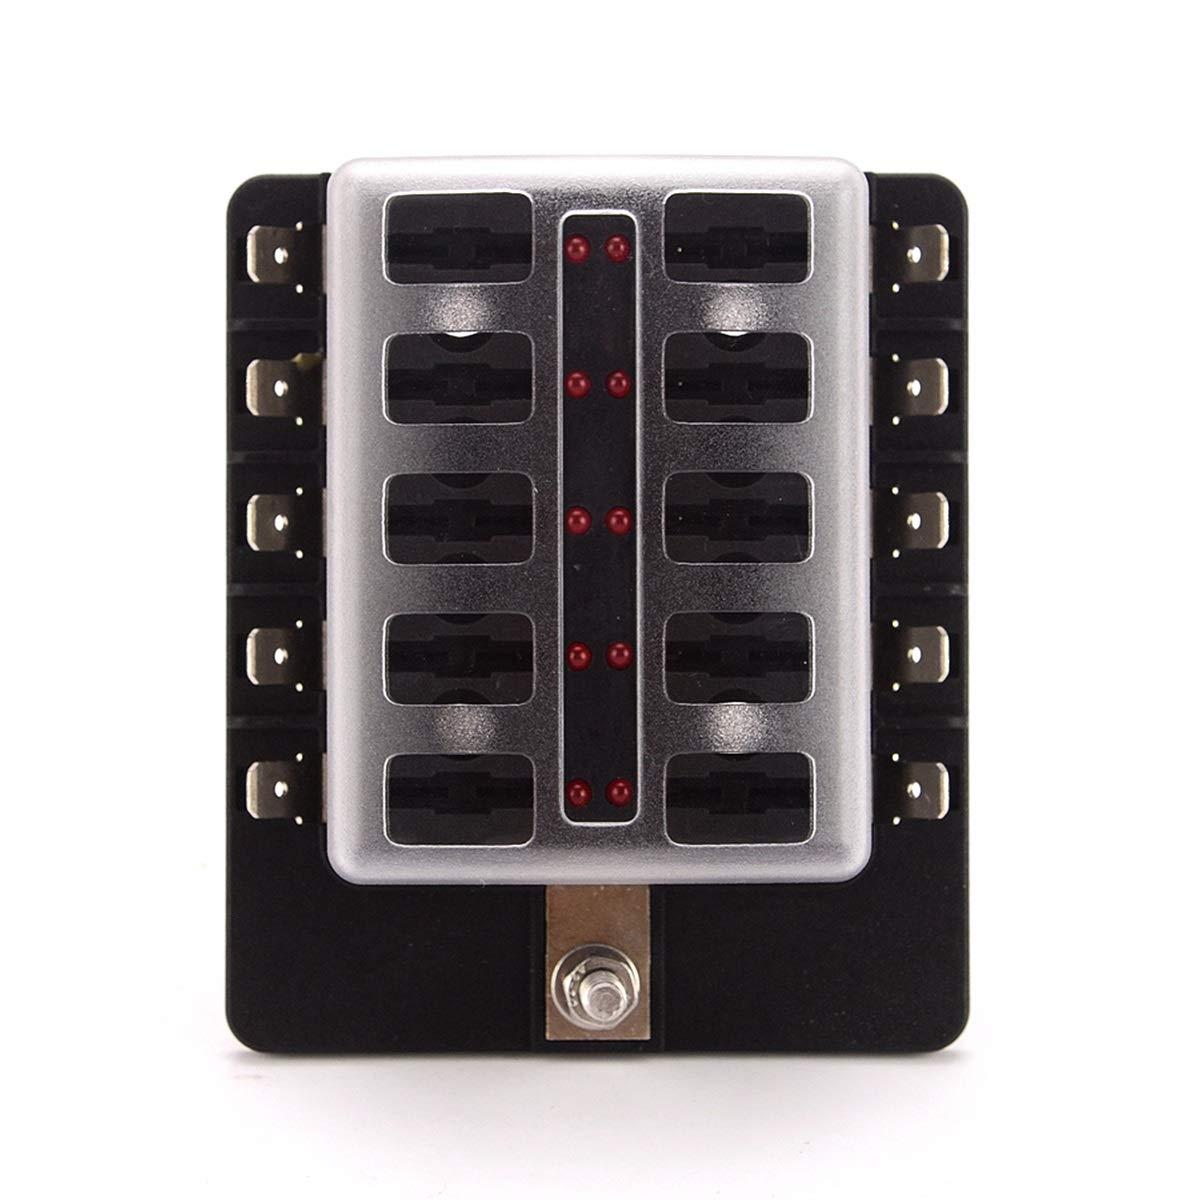 Amazon.es: Dibiao DC 12V / 24V Placa de caja de fusibles de la caja de bloque de fusibles de la hoja de 10 vías universal con luces de advertencia LED fallidas y